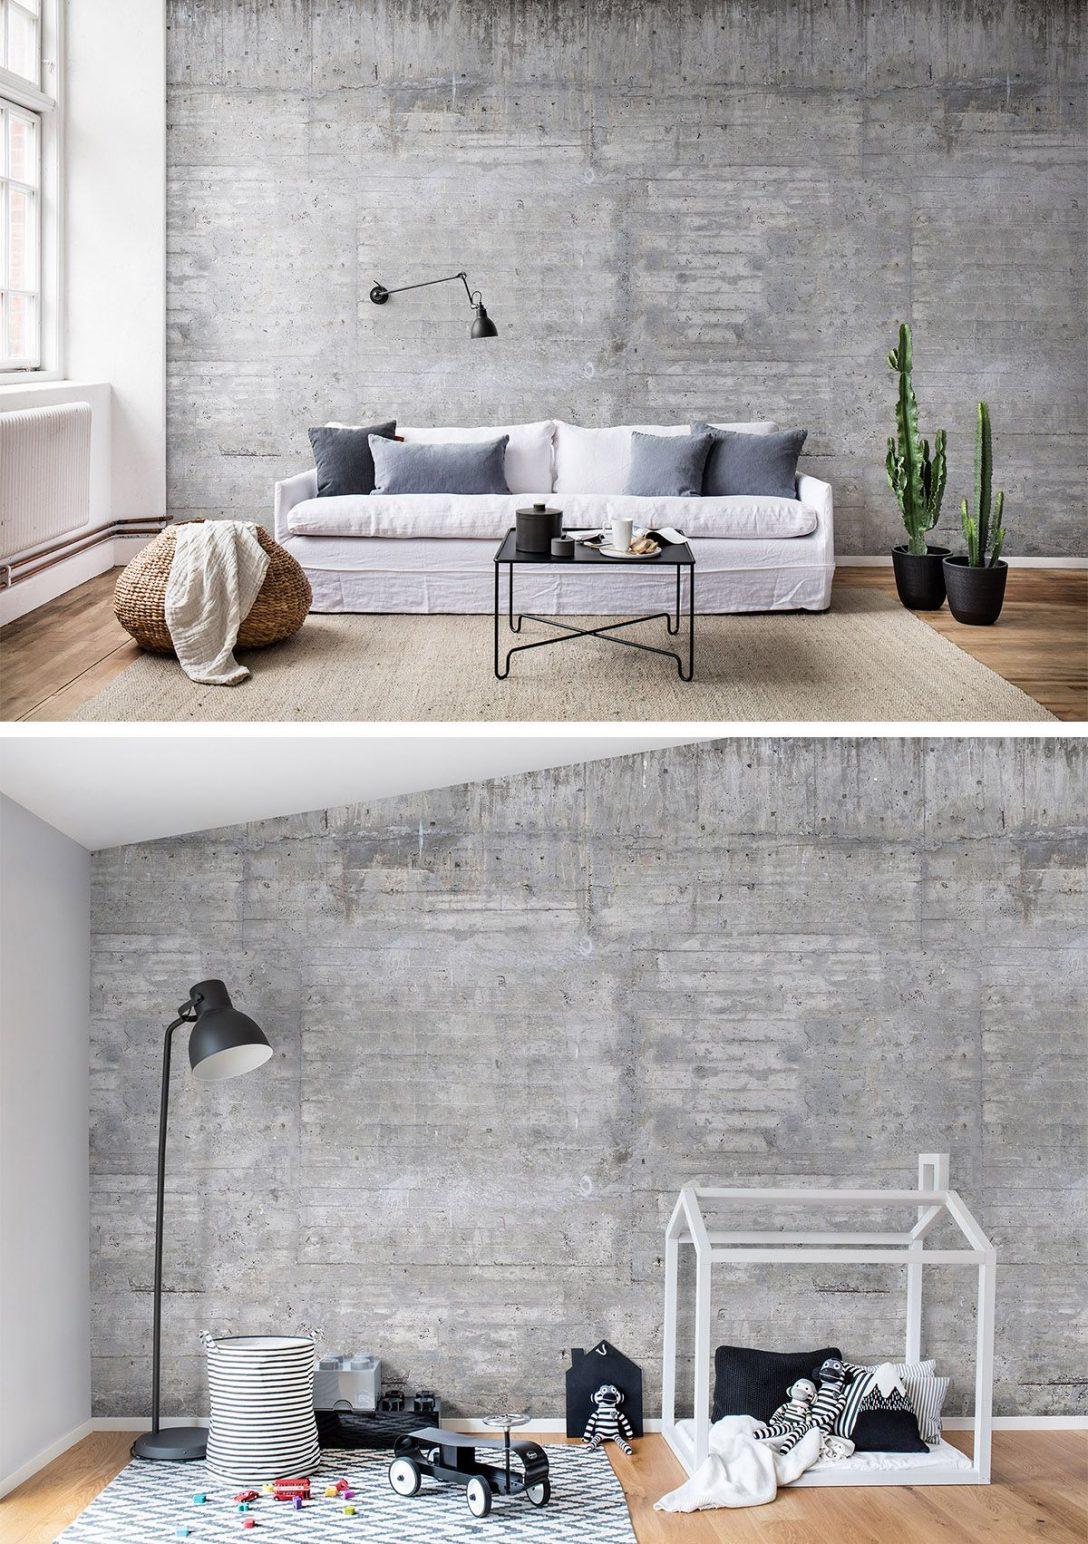 Large Size of Wooden Concrete In 2020 Wandgestaltung Tapete Komplettes Schlafzimmer Wohnzimmer Tapeten Ideen Klimagerät Für Die Küche Massivholz Schrank Komplette Sessel Schlafzimmer Tapeten Schlafzimmer